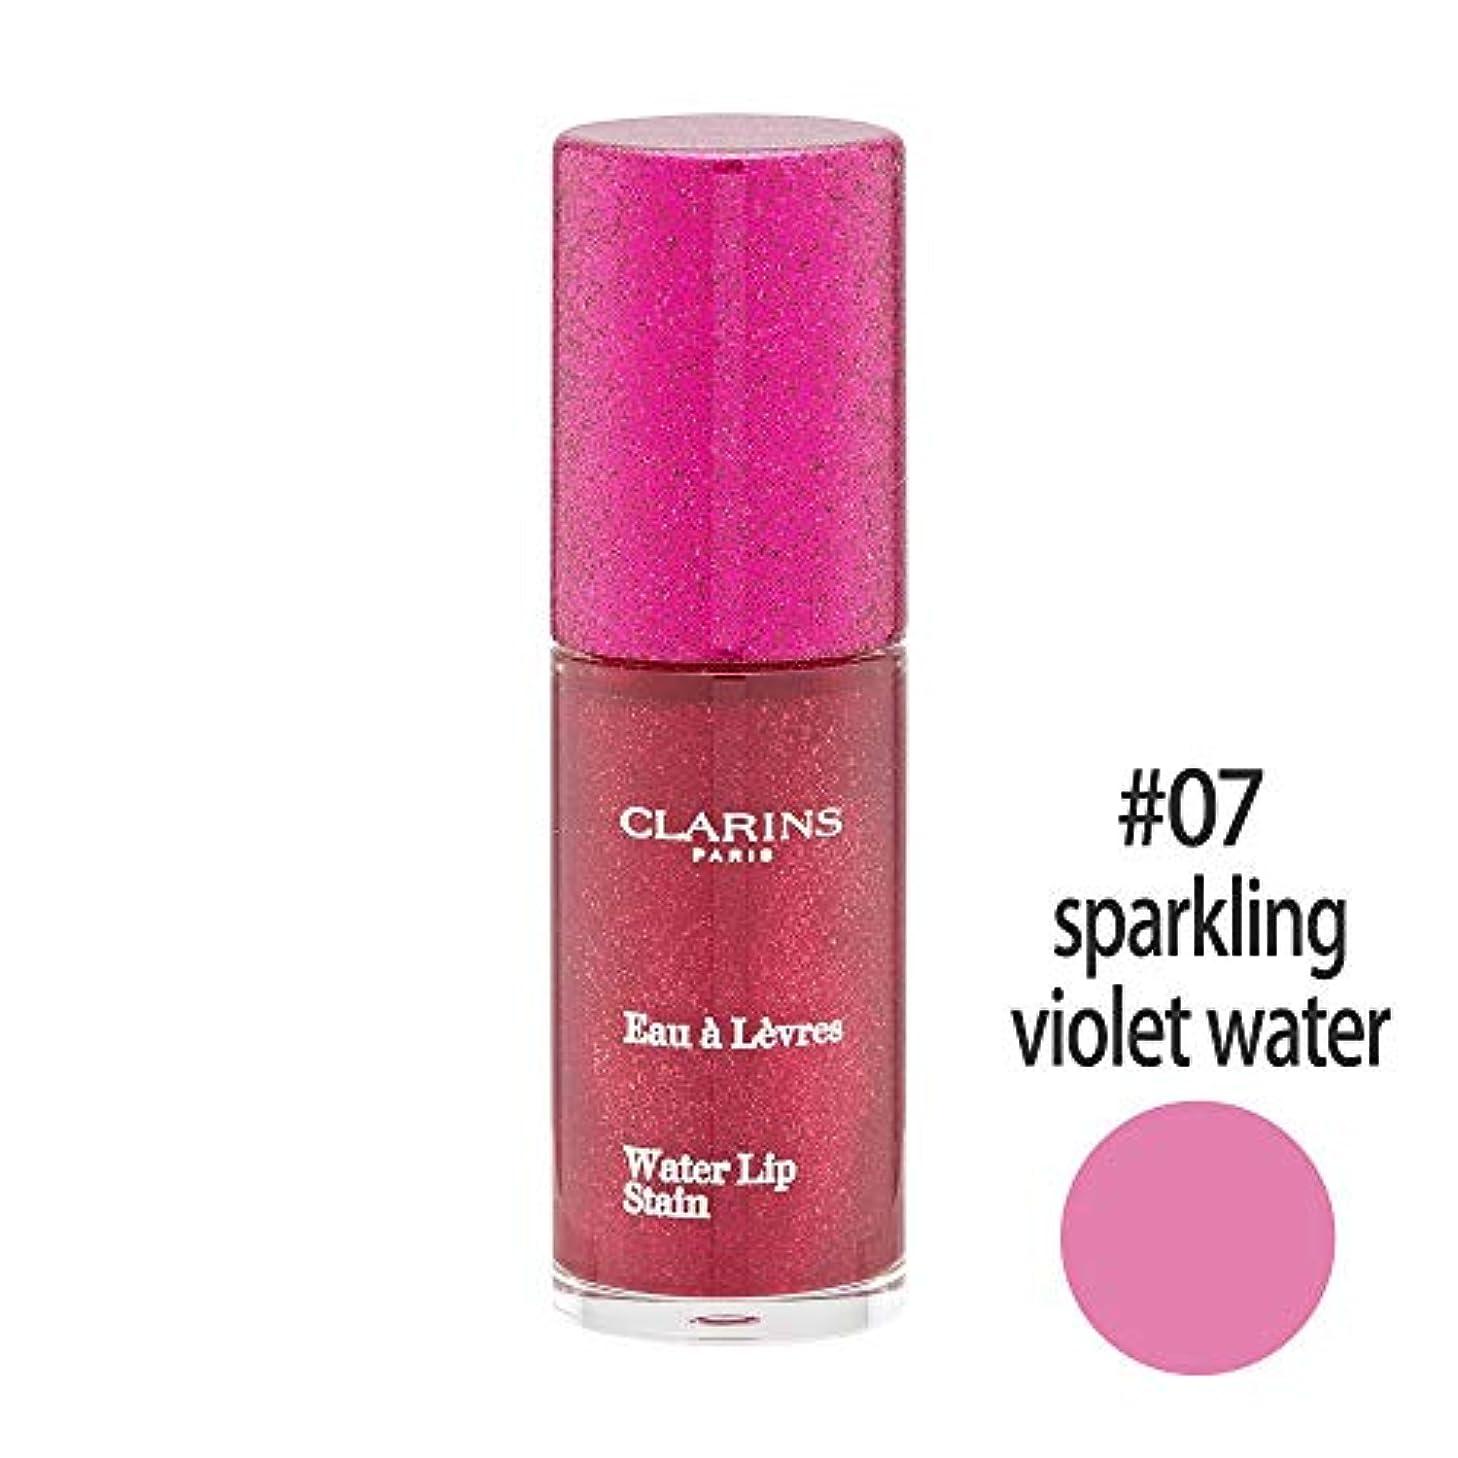 磁気時代遅れ夜の動物園クラランス(CLARINS) ウォーターリップ ステイン #07(sparkling violet water) [並行輸入品]